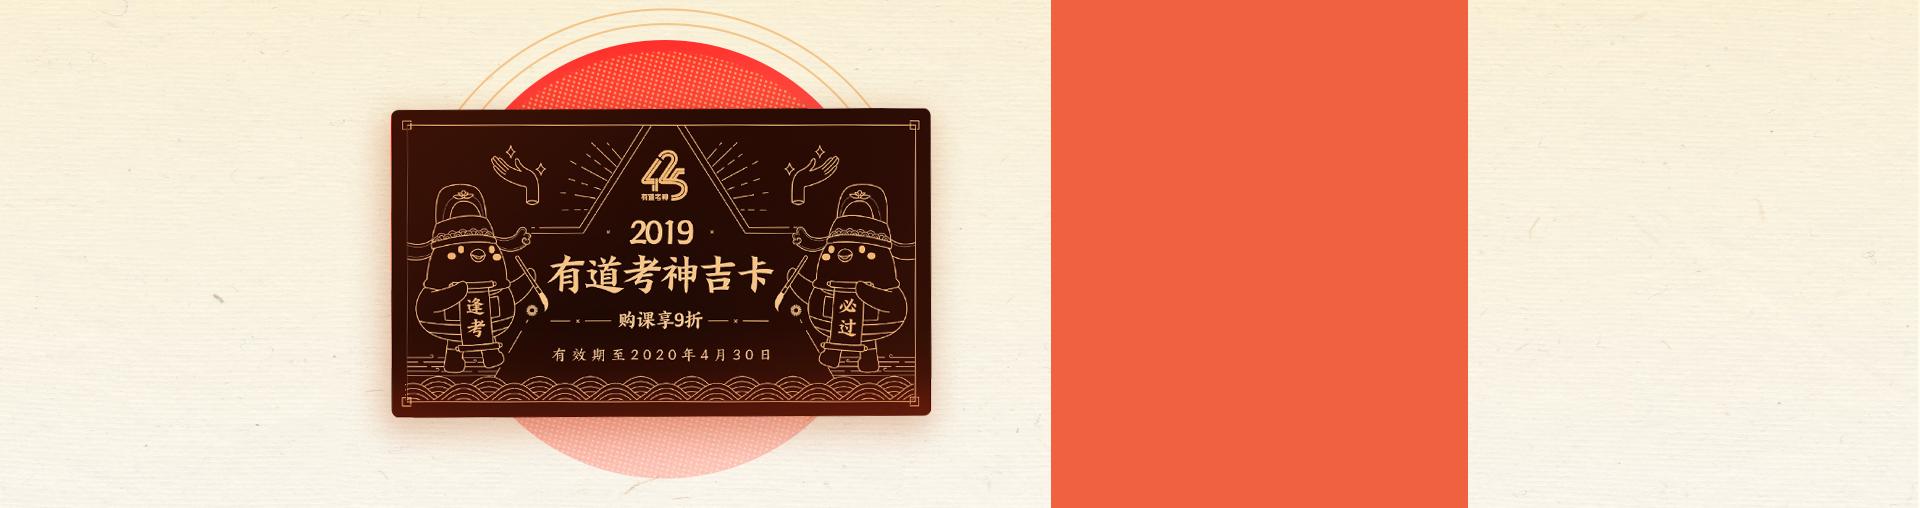 2019有道考神吉卡(全年购课享9折,限量礼包)